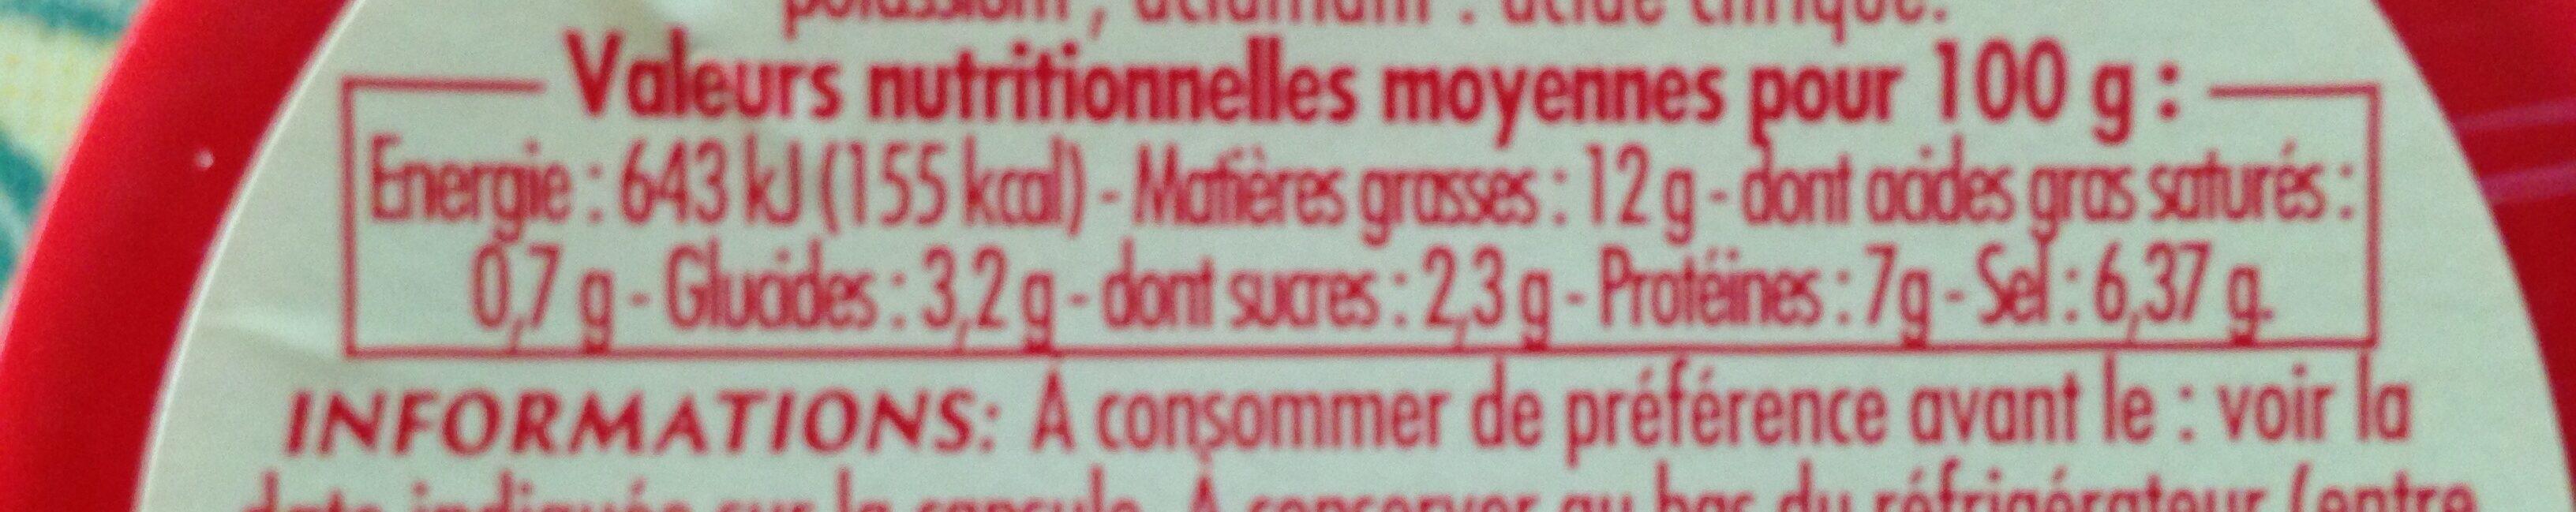 Moutarde de dijon, verre cannelé - Ingrédients - fr